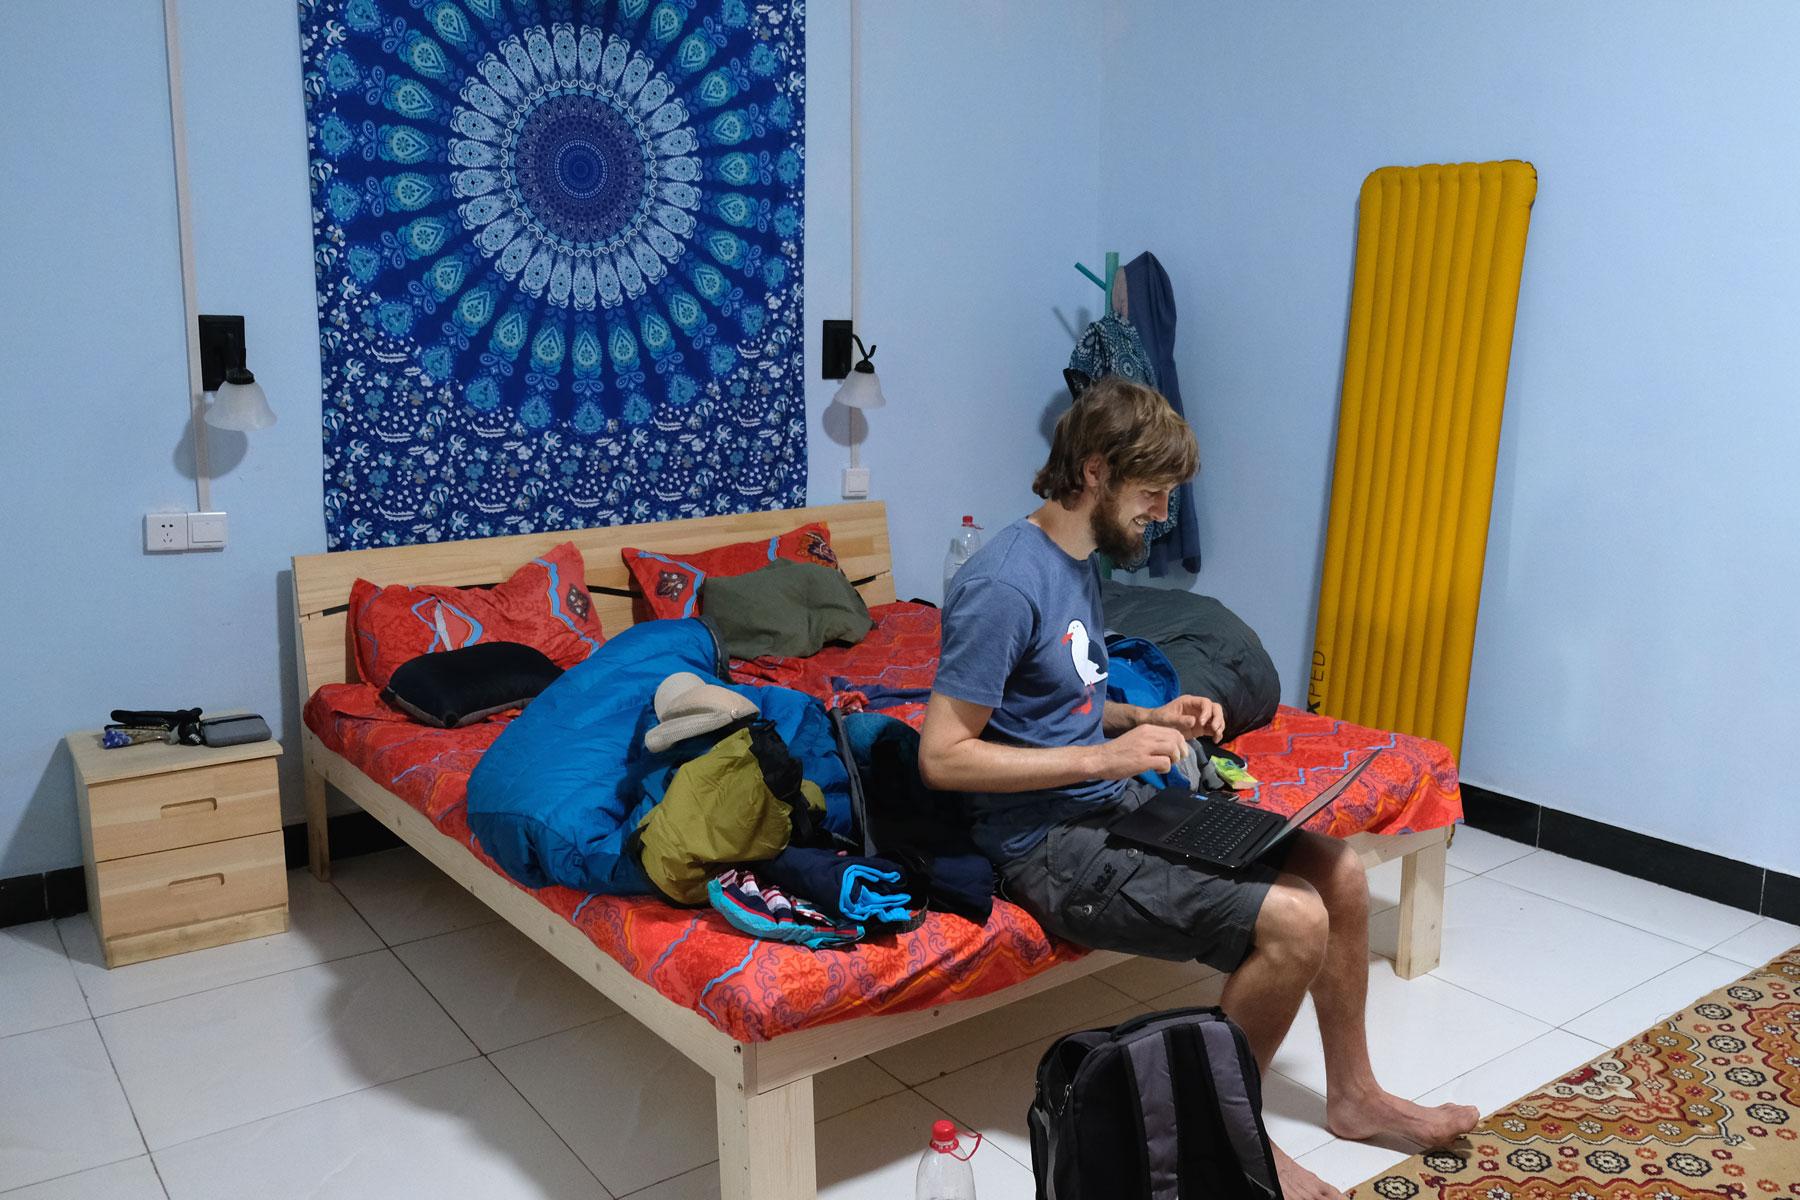 Und auch unser Zimmer ist gemütlich eingerichtet, auch wenn die Matratze (wie so oft in China) leider etwas zu hart für uns ist